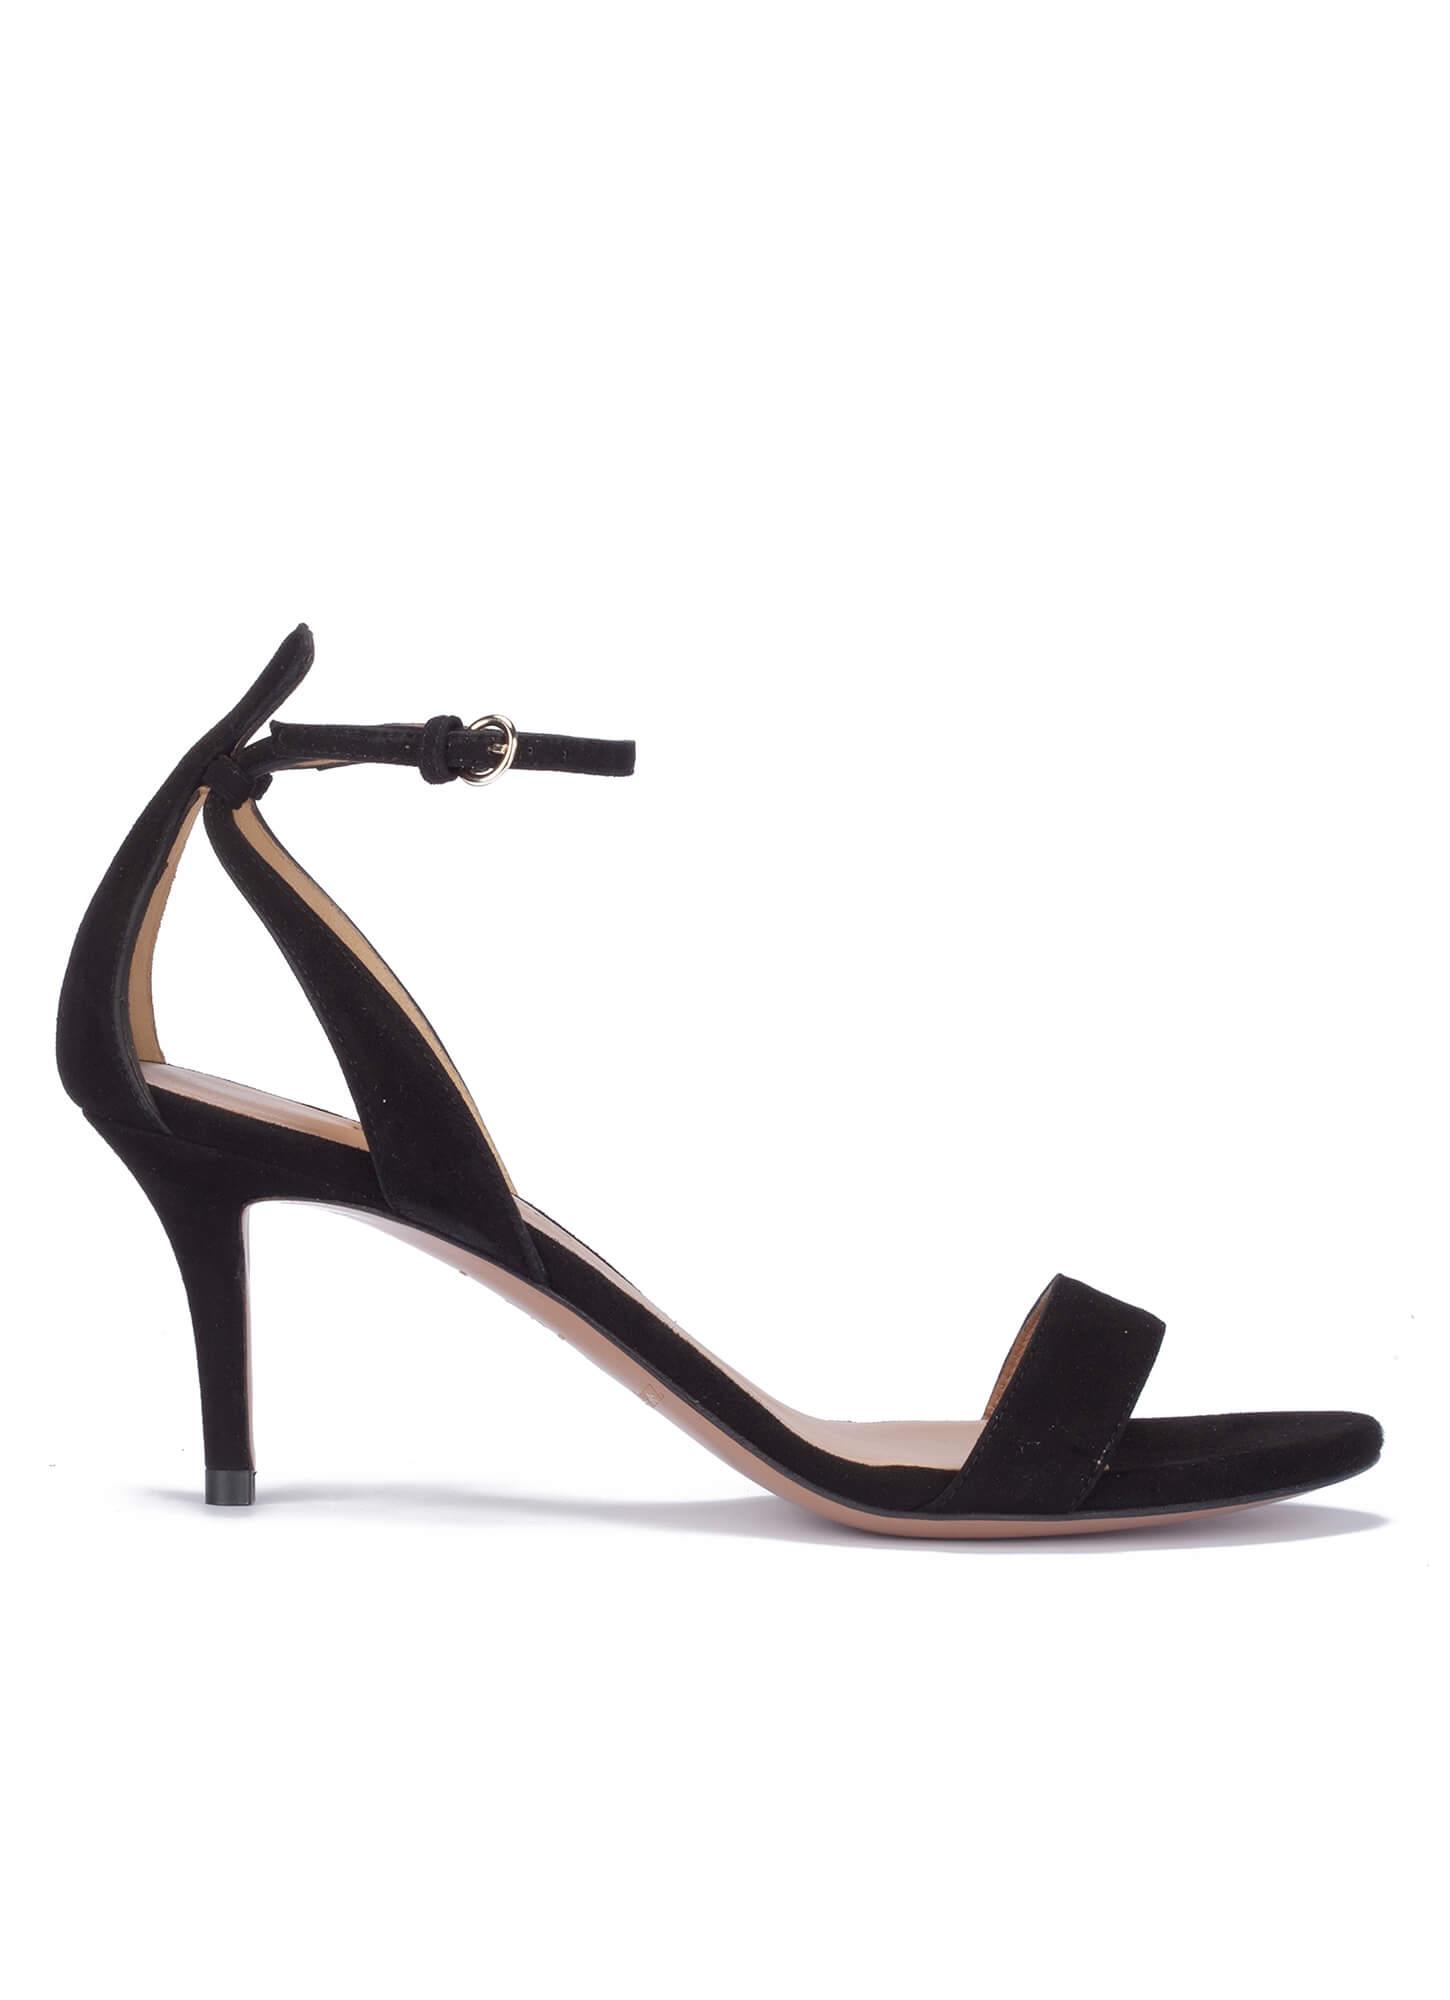 Mid heel sandals in black suede